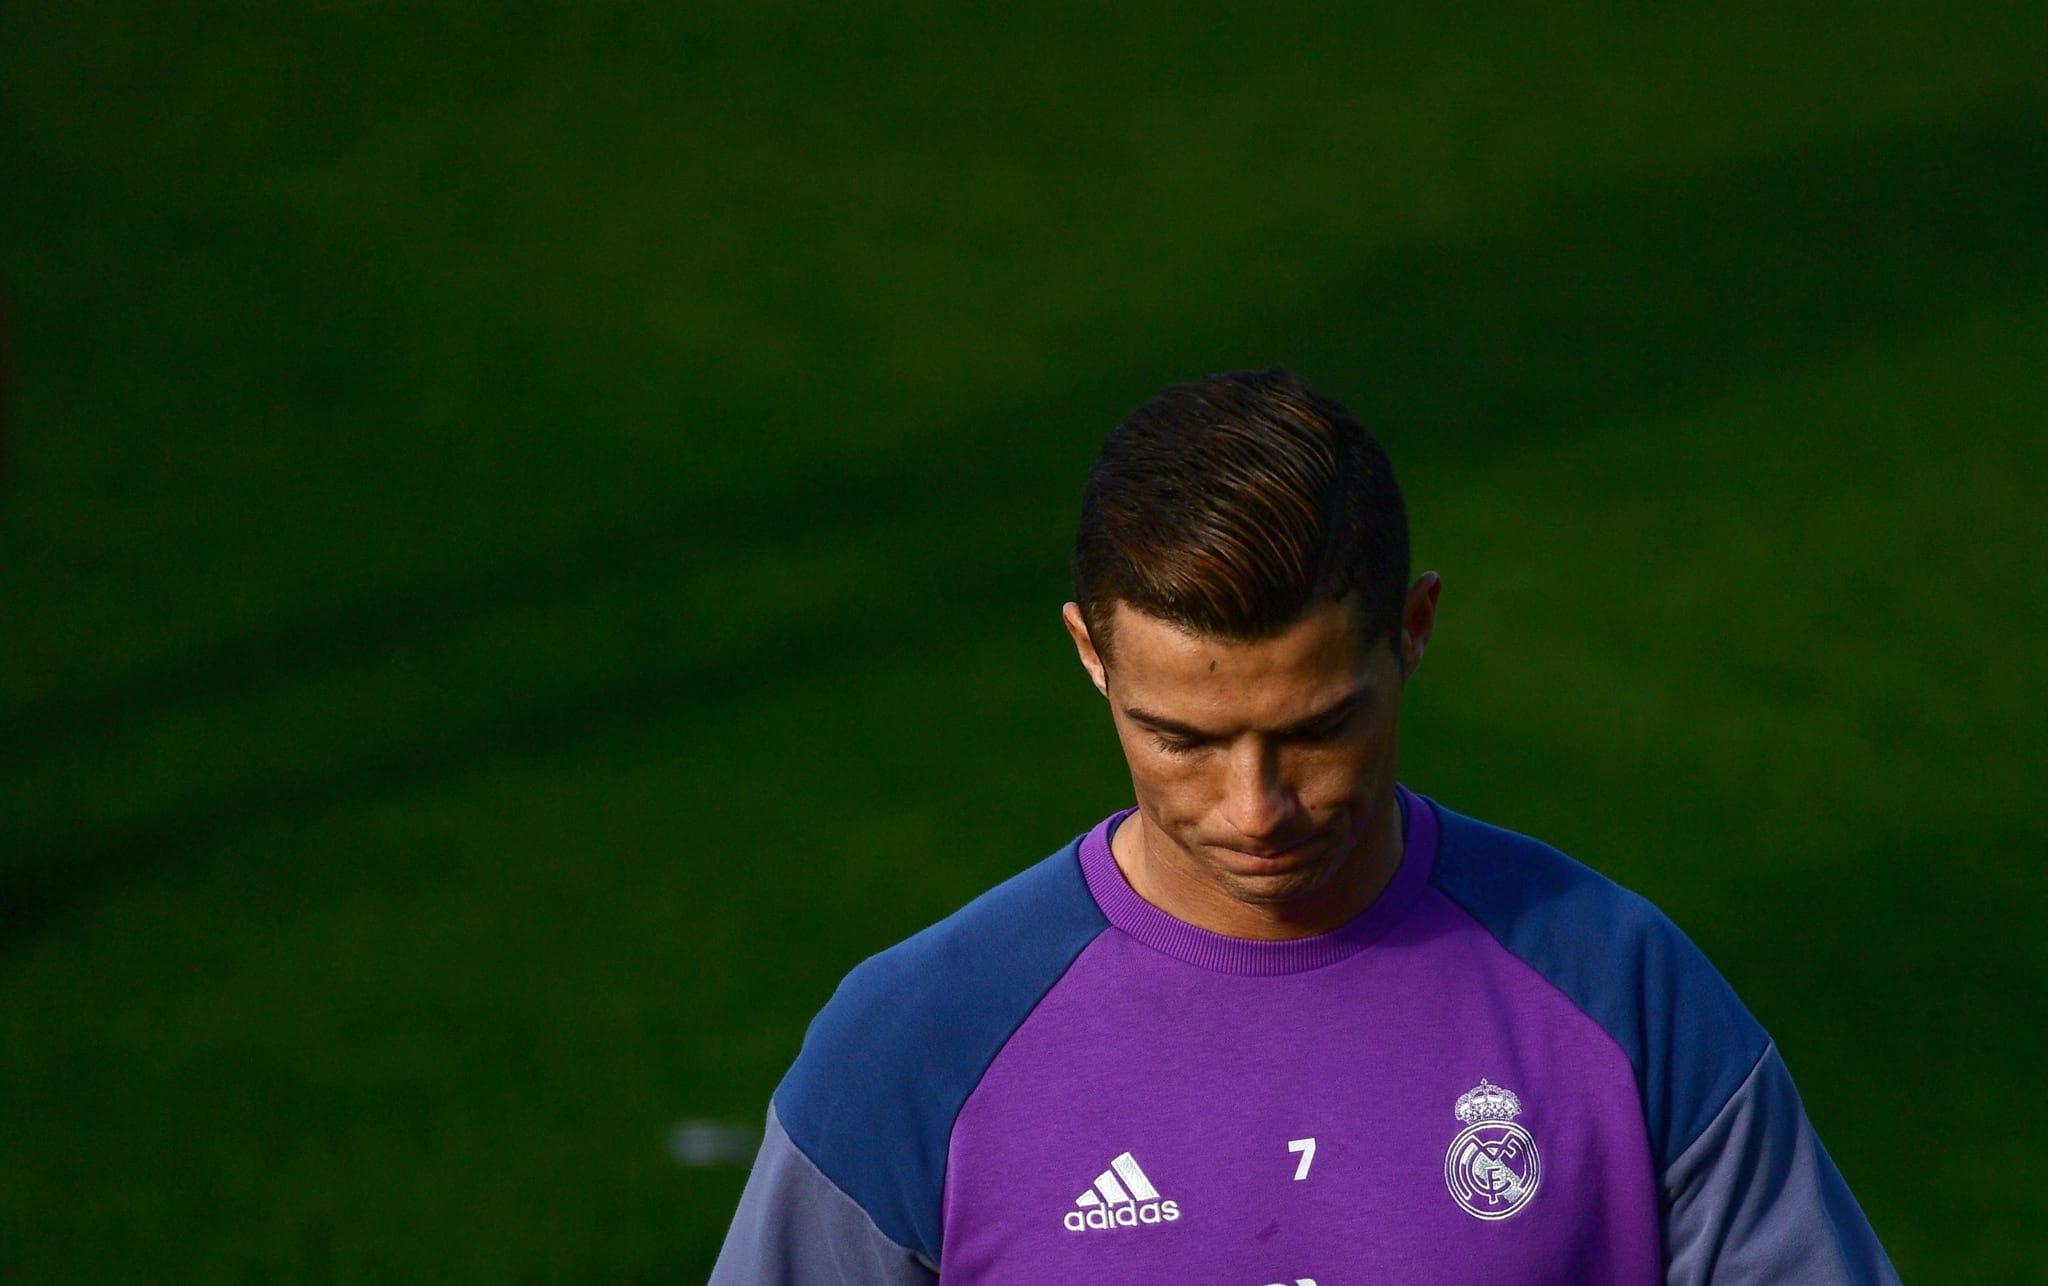 PÚBLICO - Ronaldo e Mourinho entre os suspeitos de fugirem aos impostos no futebol